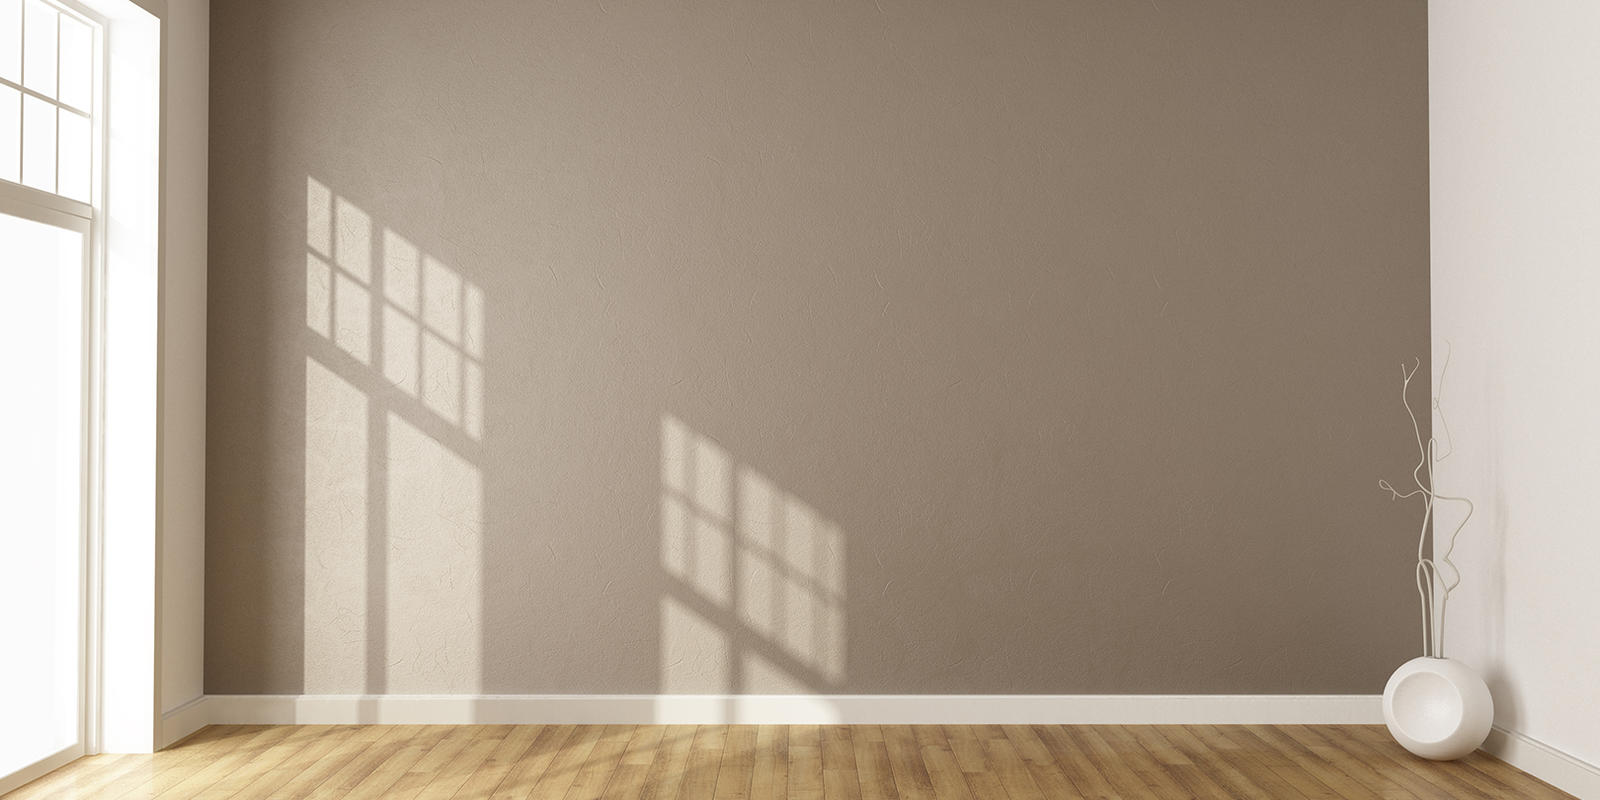 Super Muren stucen kosten? Prijs muur stucen| Slimster #RX18